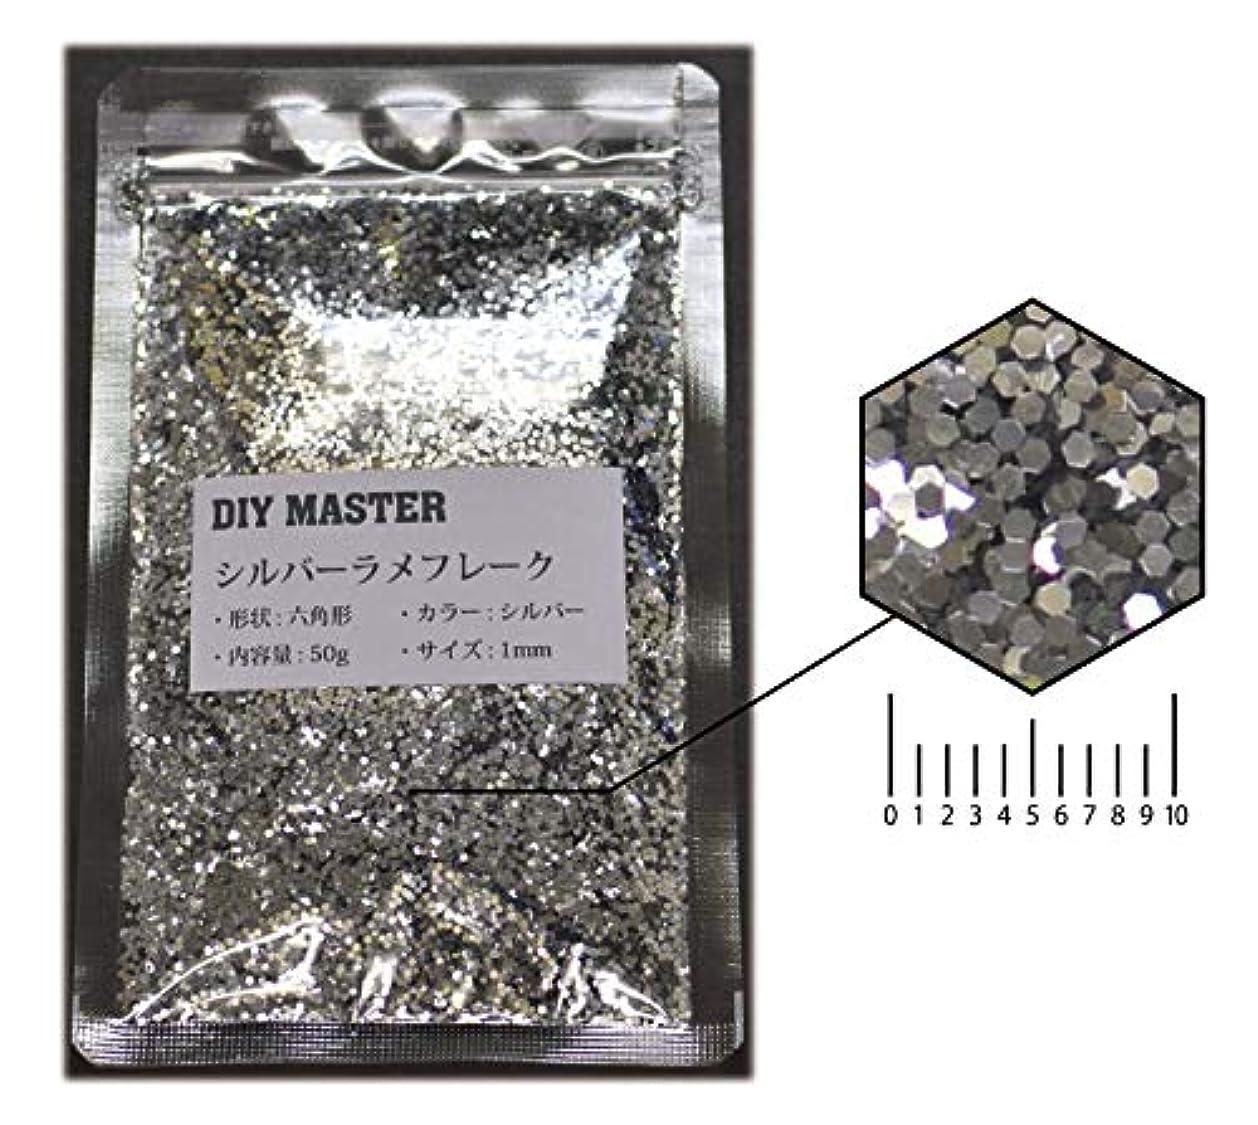 マイクロぴかぴか不明瞭DIY MASTER シルバー ラメフレーク 1mm 50g